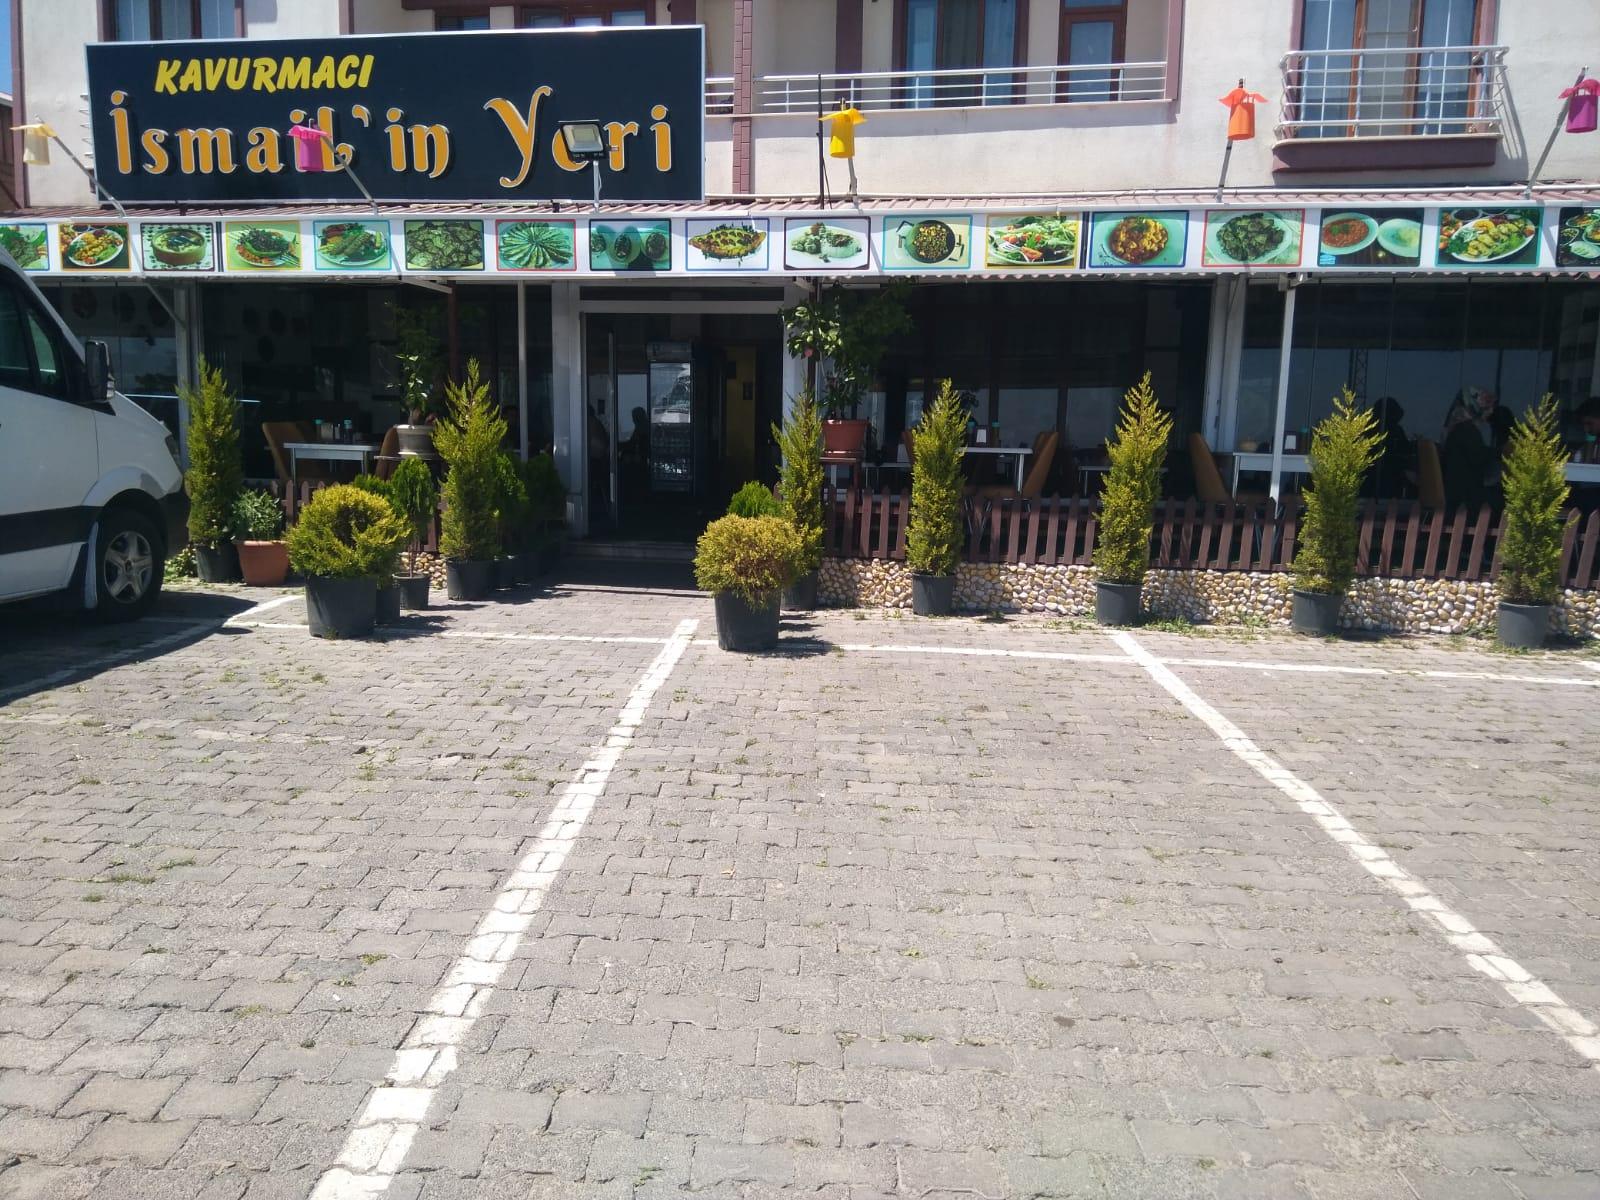 Kavurmacı İsmail'in Yeri Aile Restaurantı